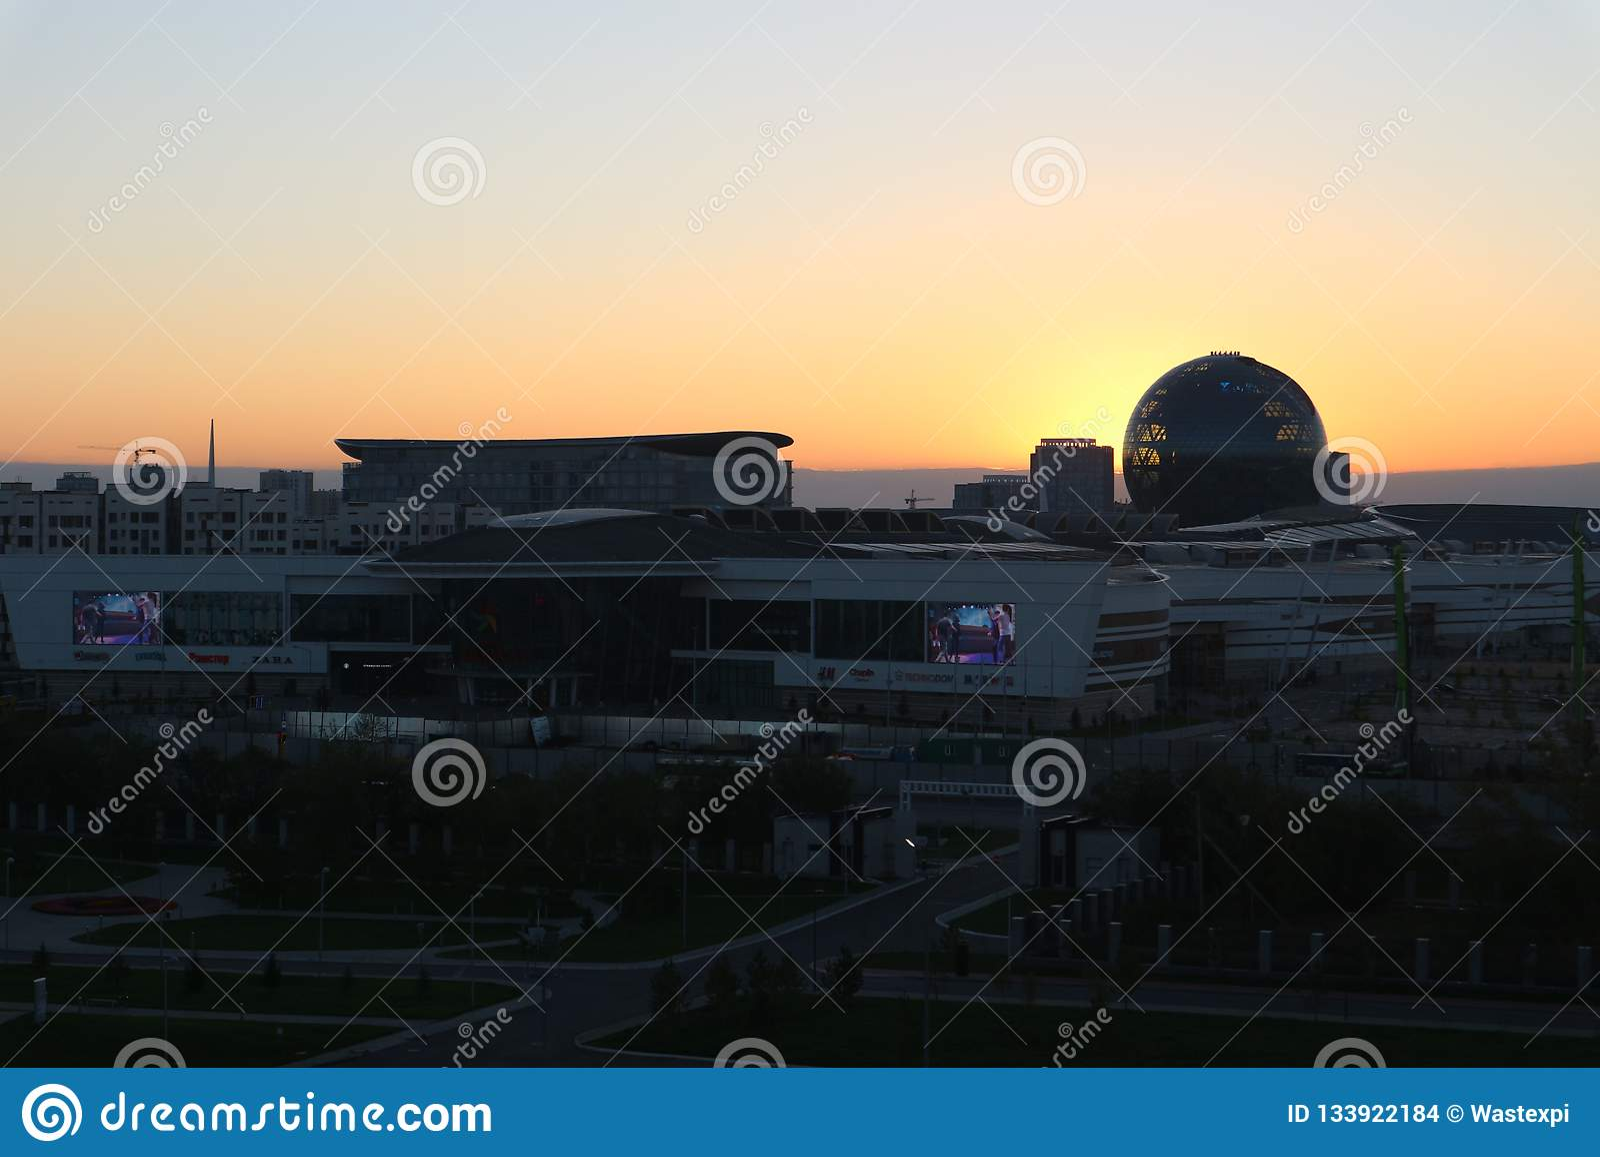 Astaná, Kazajistán, el 13 de septiembre de 2018, vista del edificio de 'Astaná EXPO-2017 '